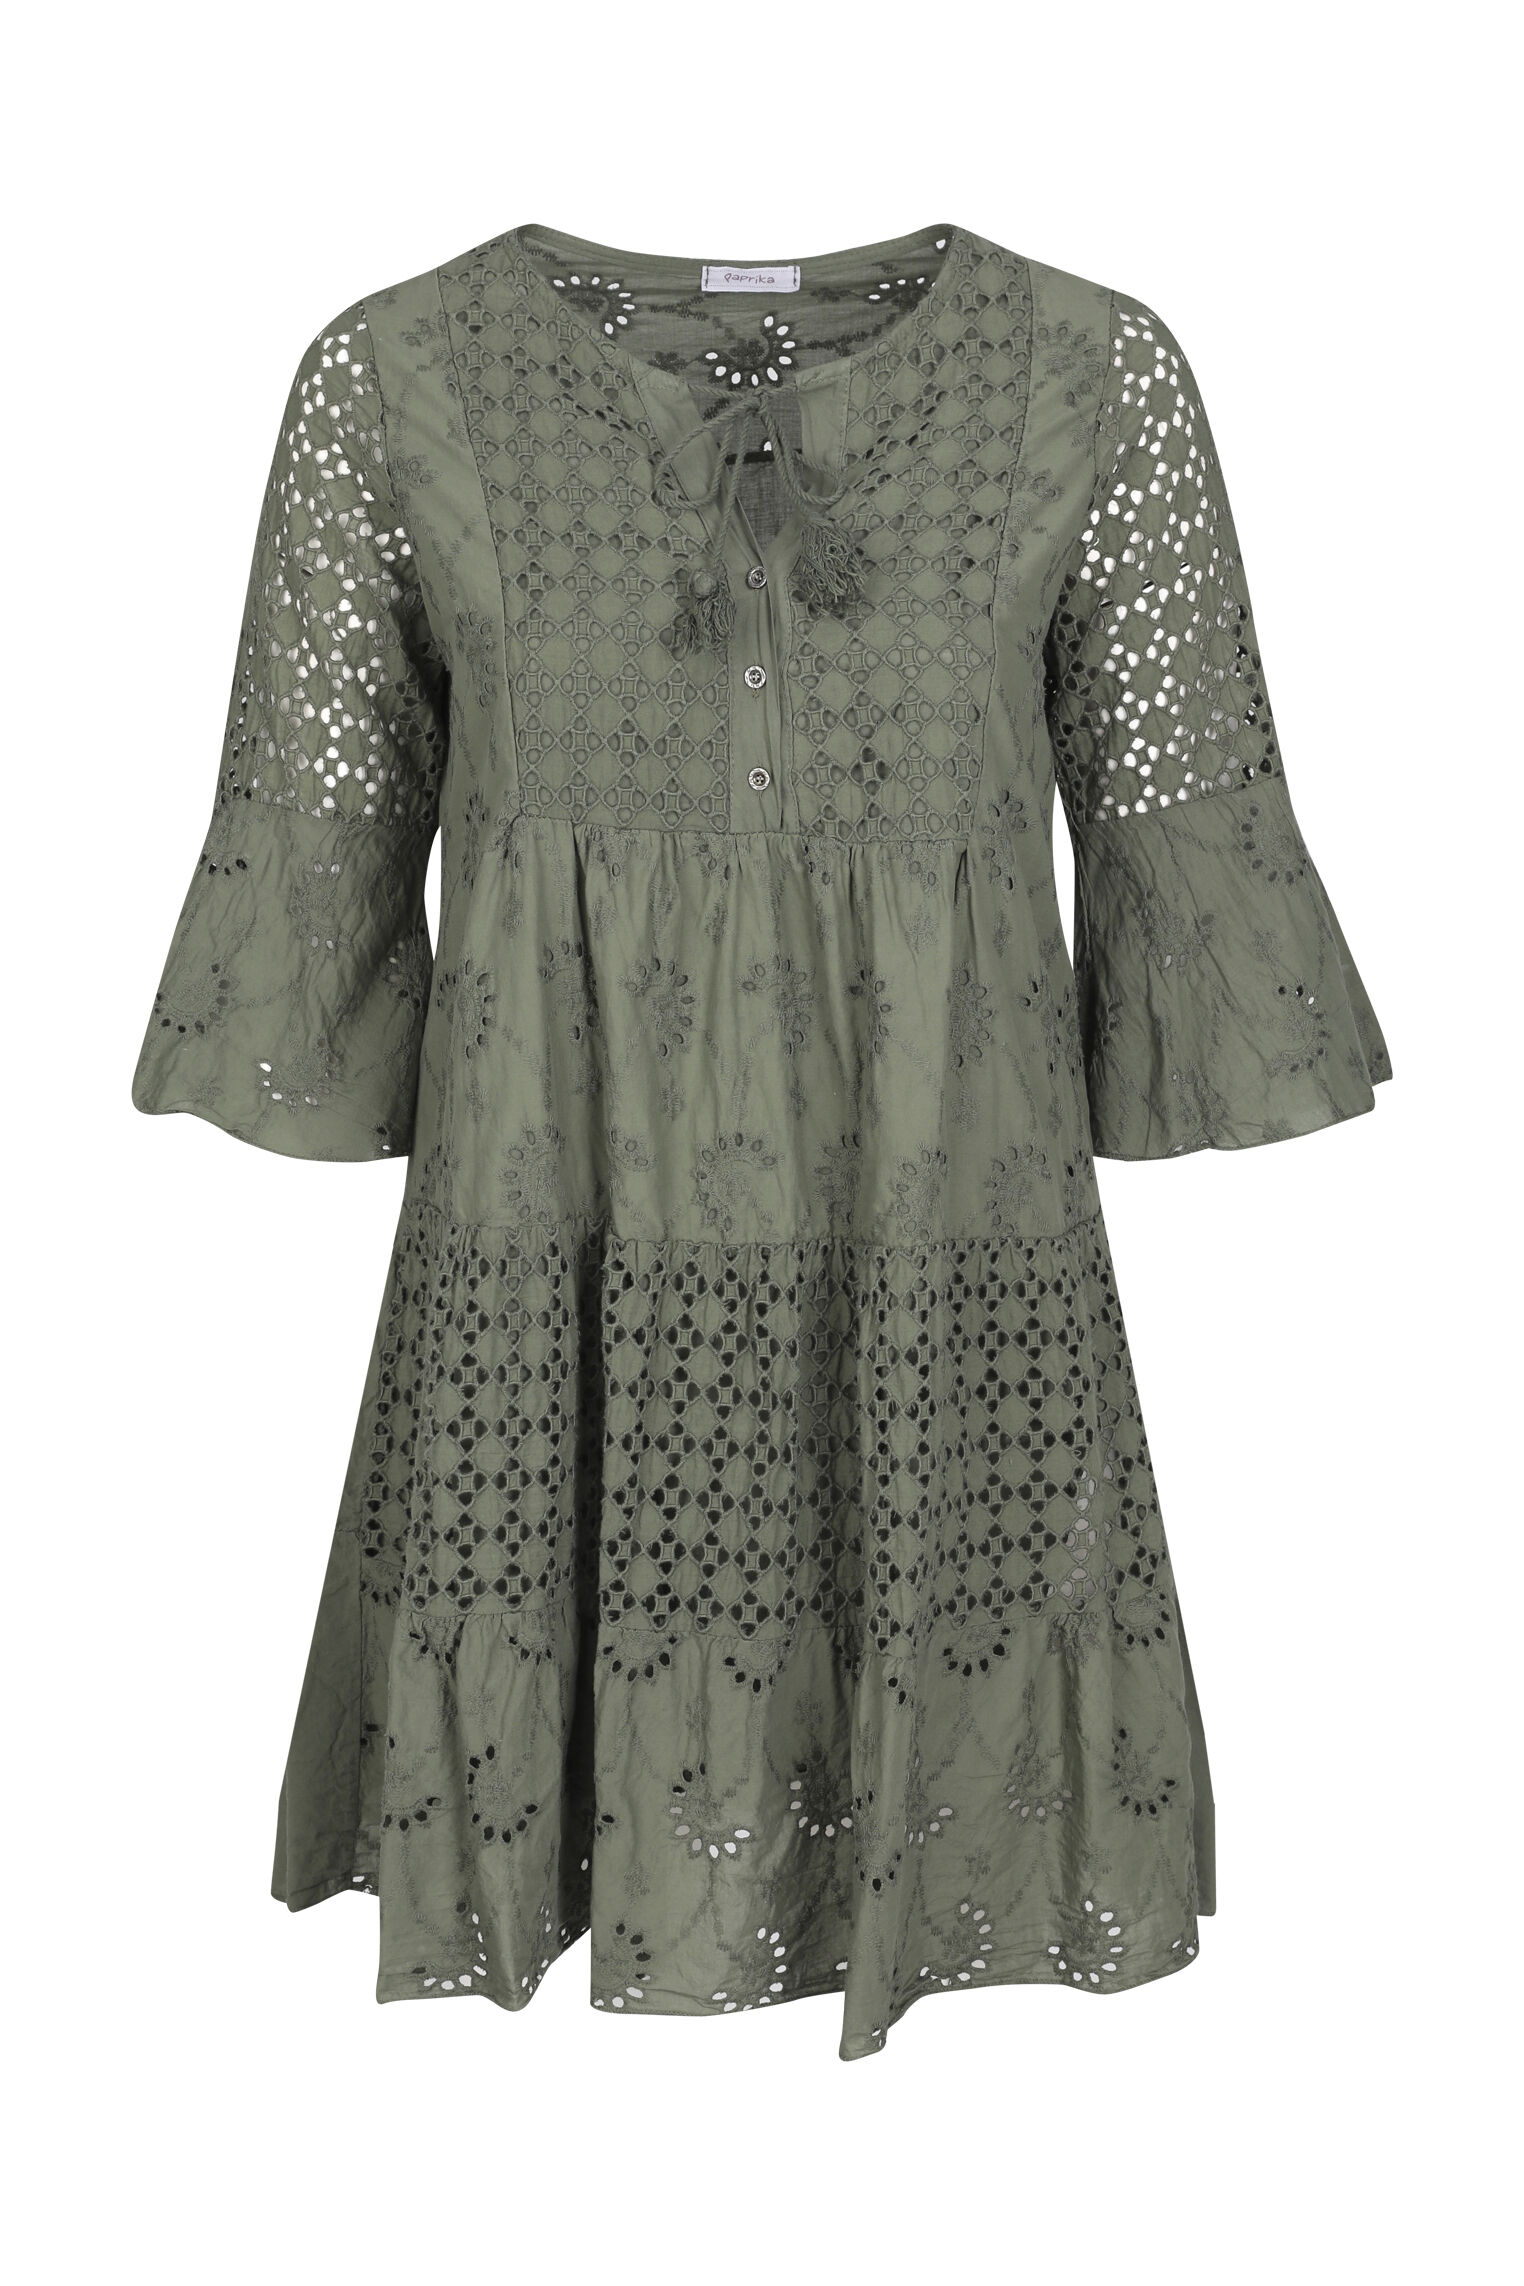 paprika -  Blusenkleid Rundhals geblümt, bequem zu tragen